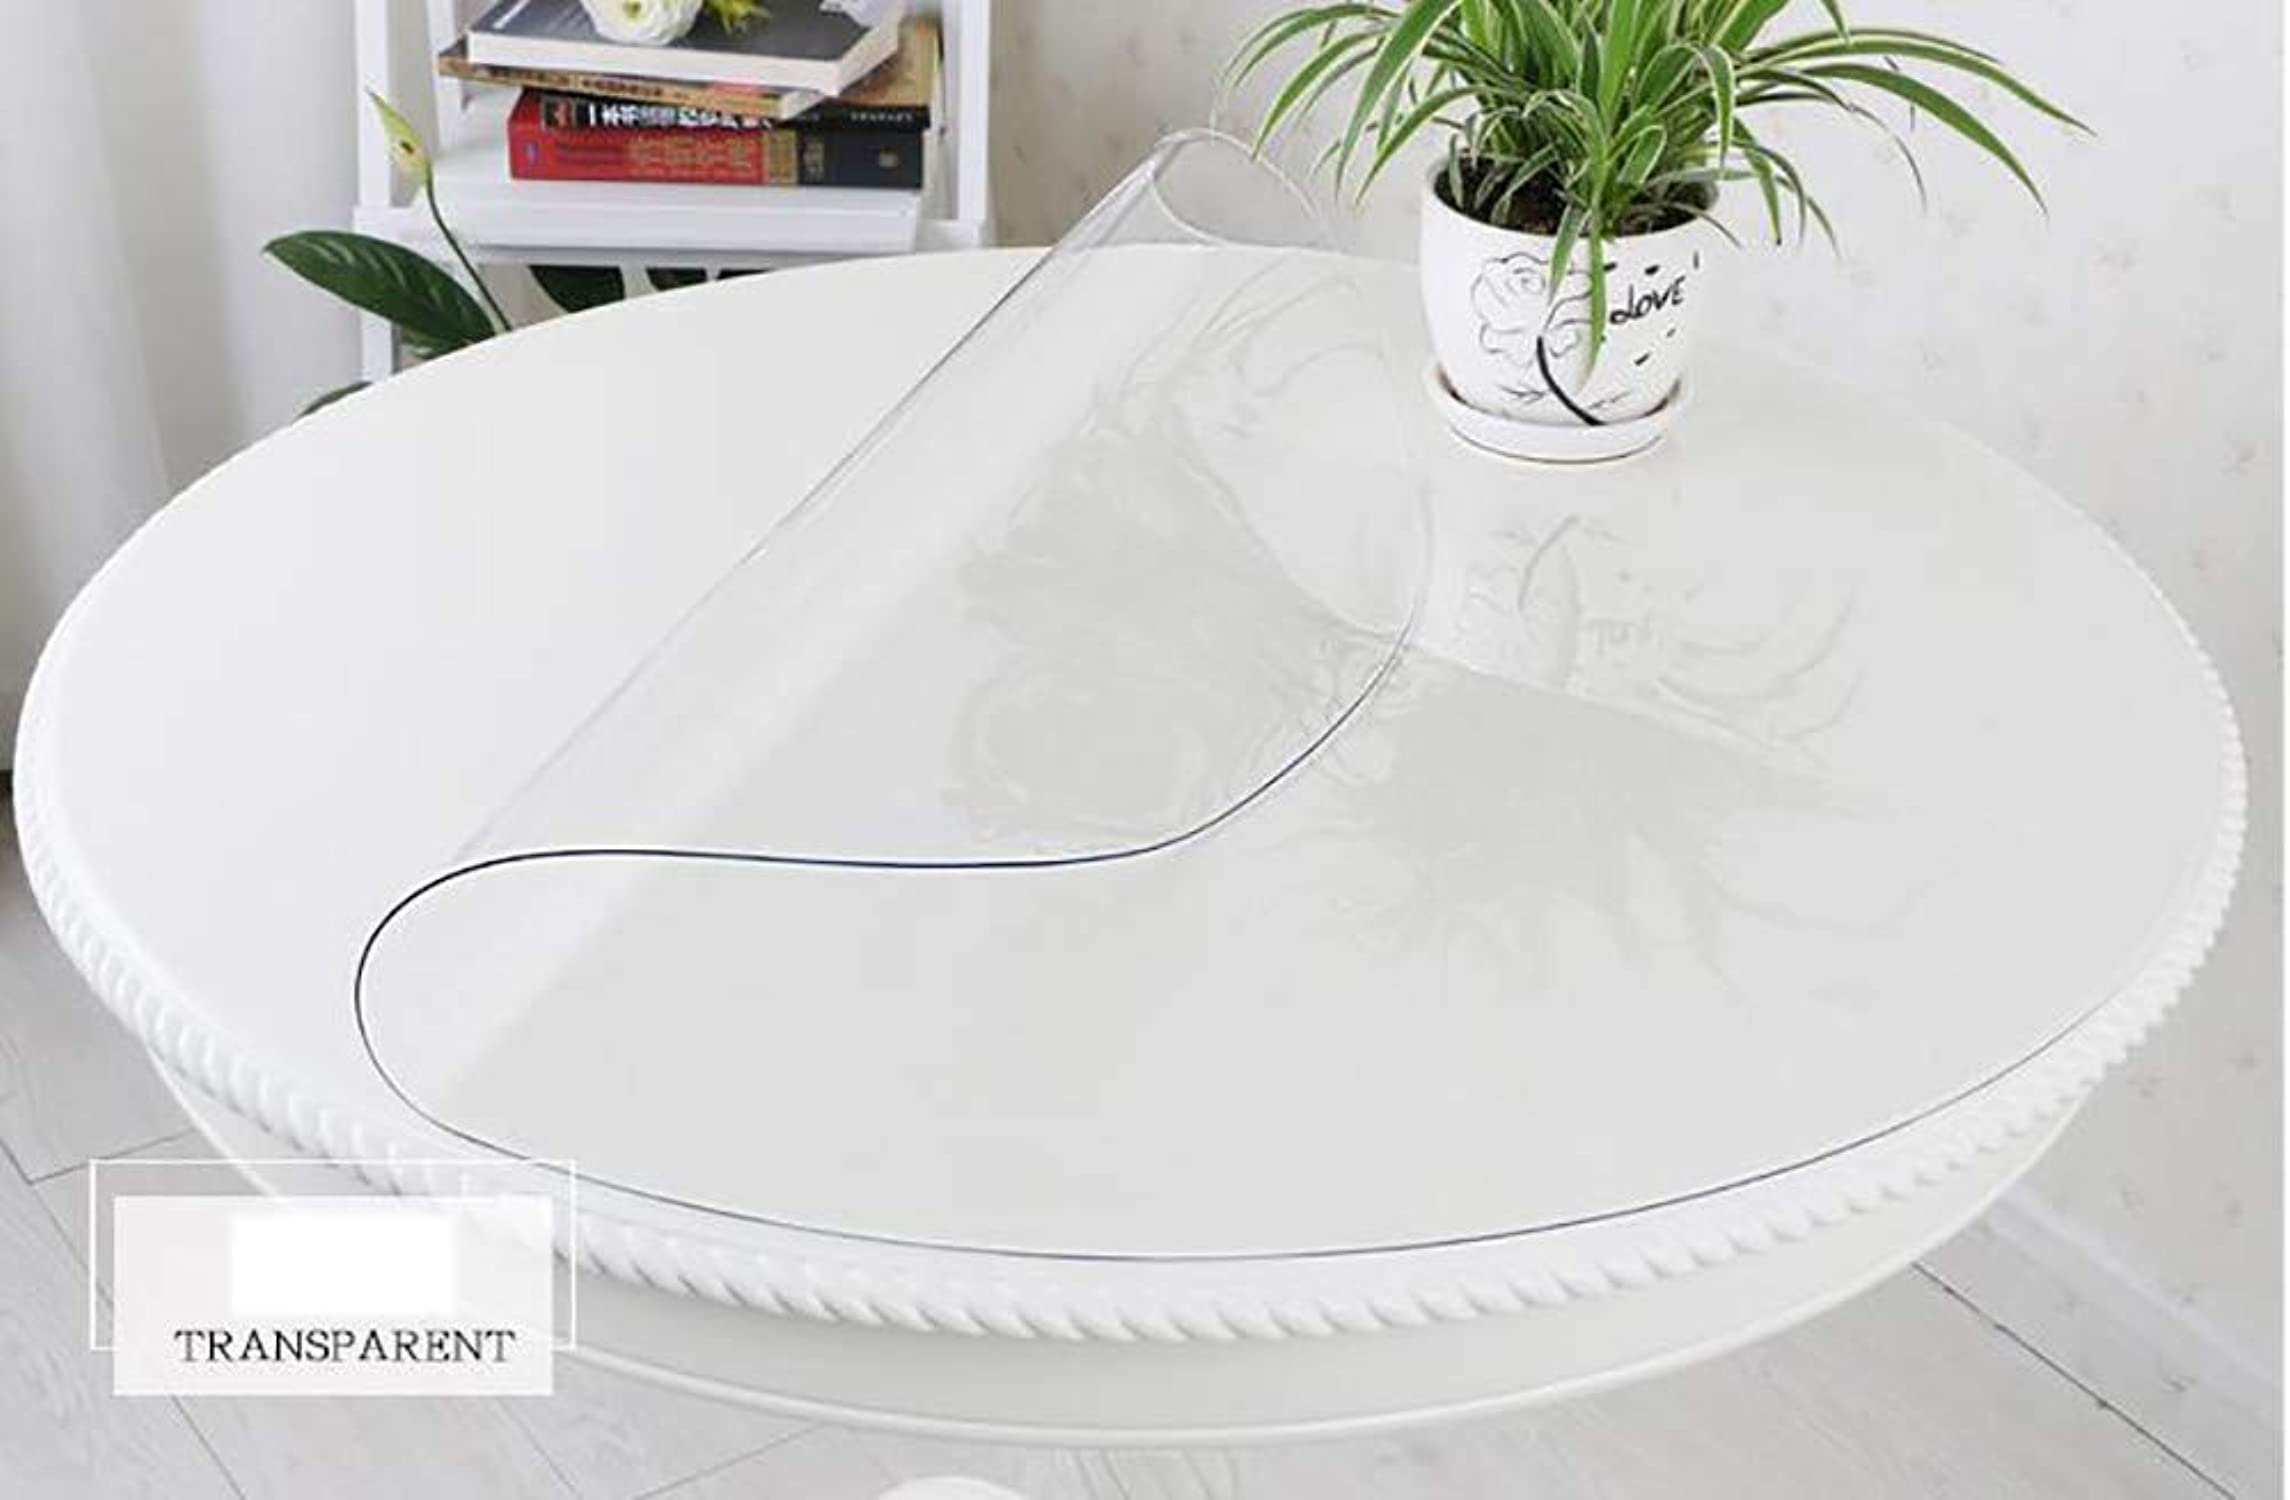 venta caliente en línea Table mat Estera de Tabla Tabla Tabla Anti-escaldada Impermeable y a Prueba de Aceite rojoonda, Estera de Tabla Enrollable blancoa Transparente  entrega de rayos